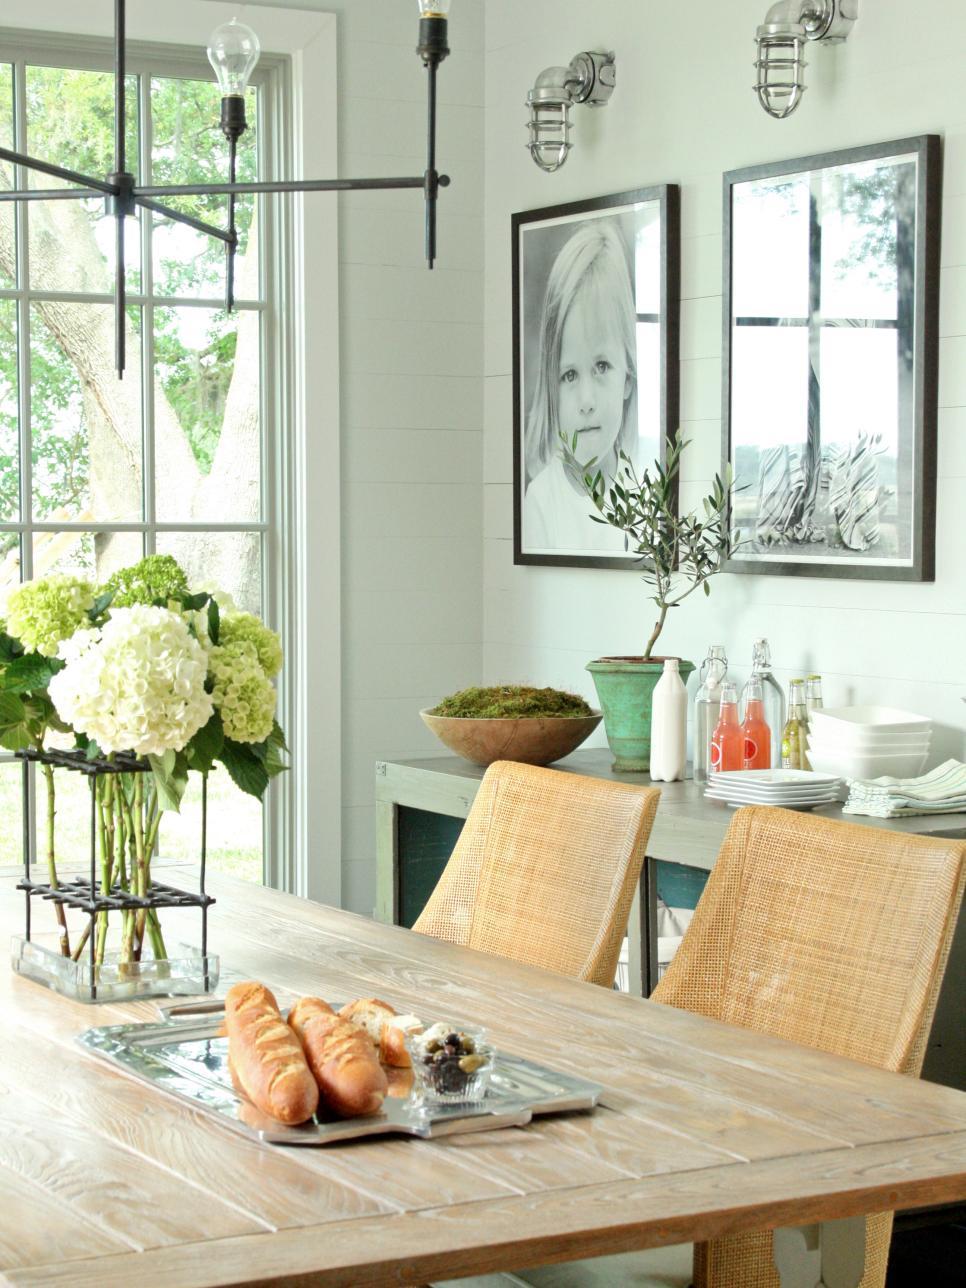 Chic 15 Dining Room Decorating Ideas | HGTV dining room decor